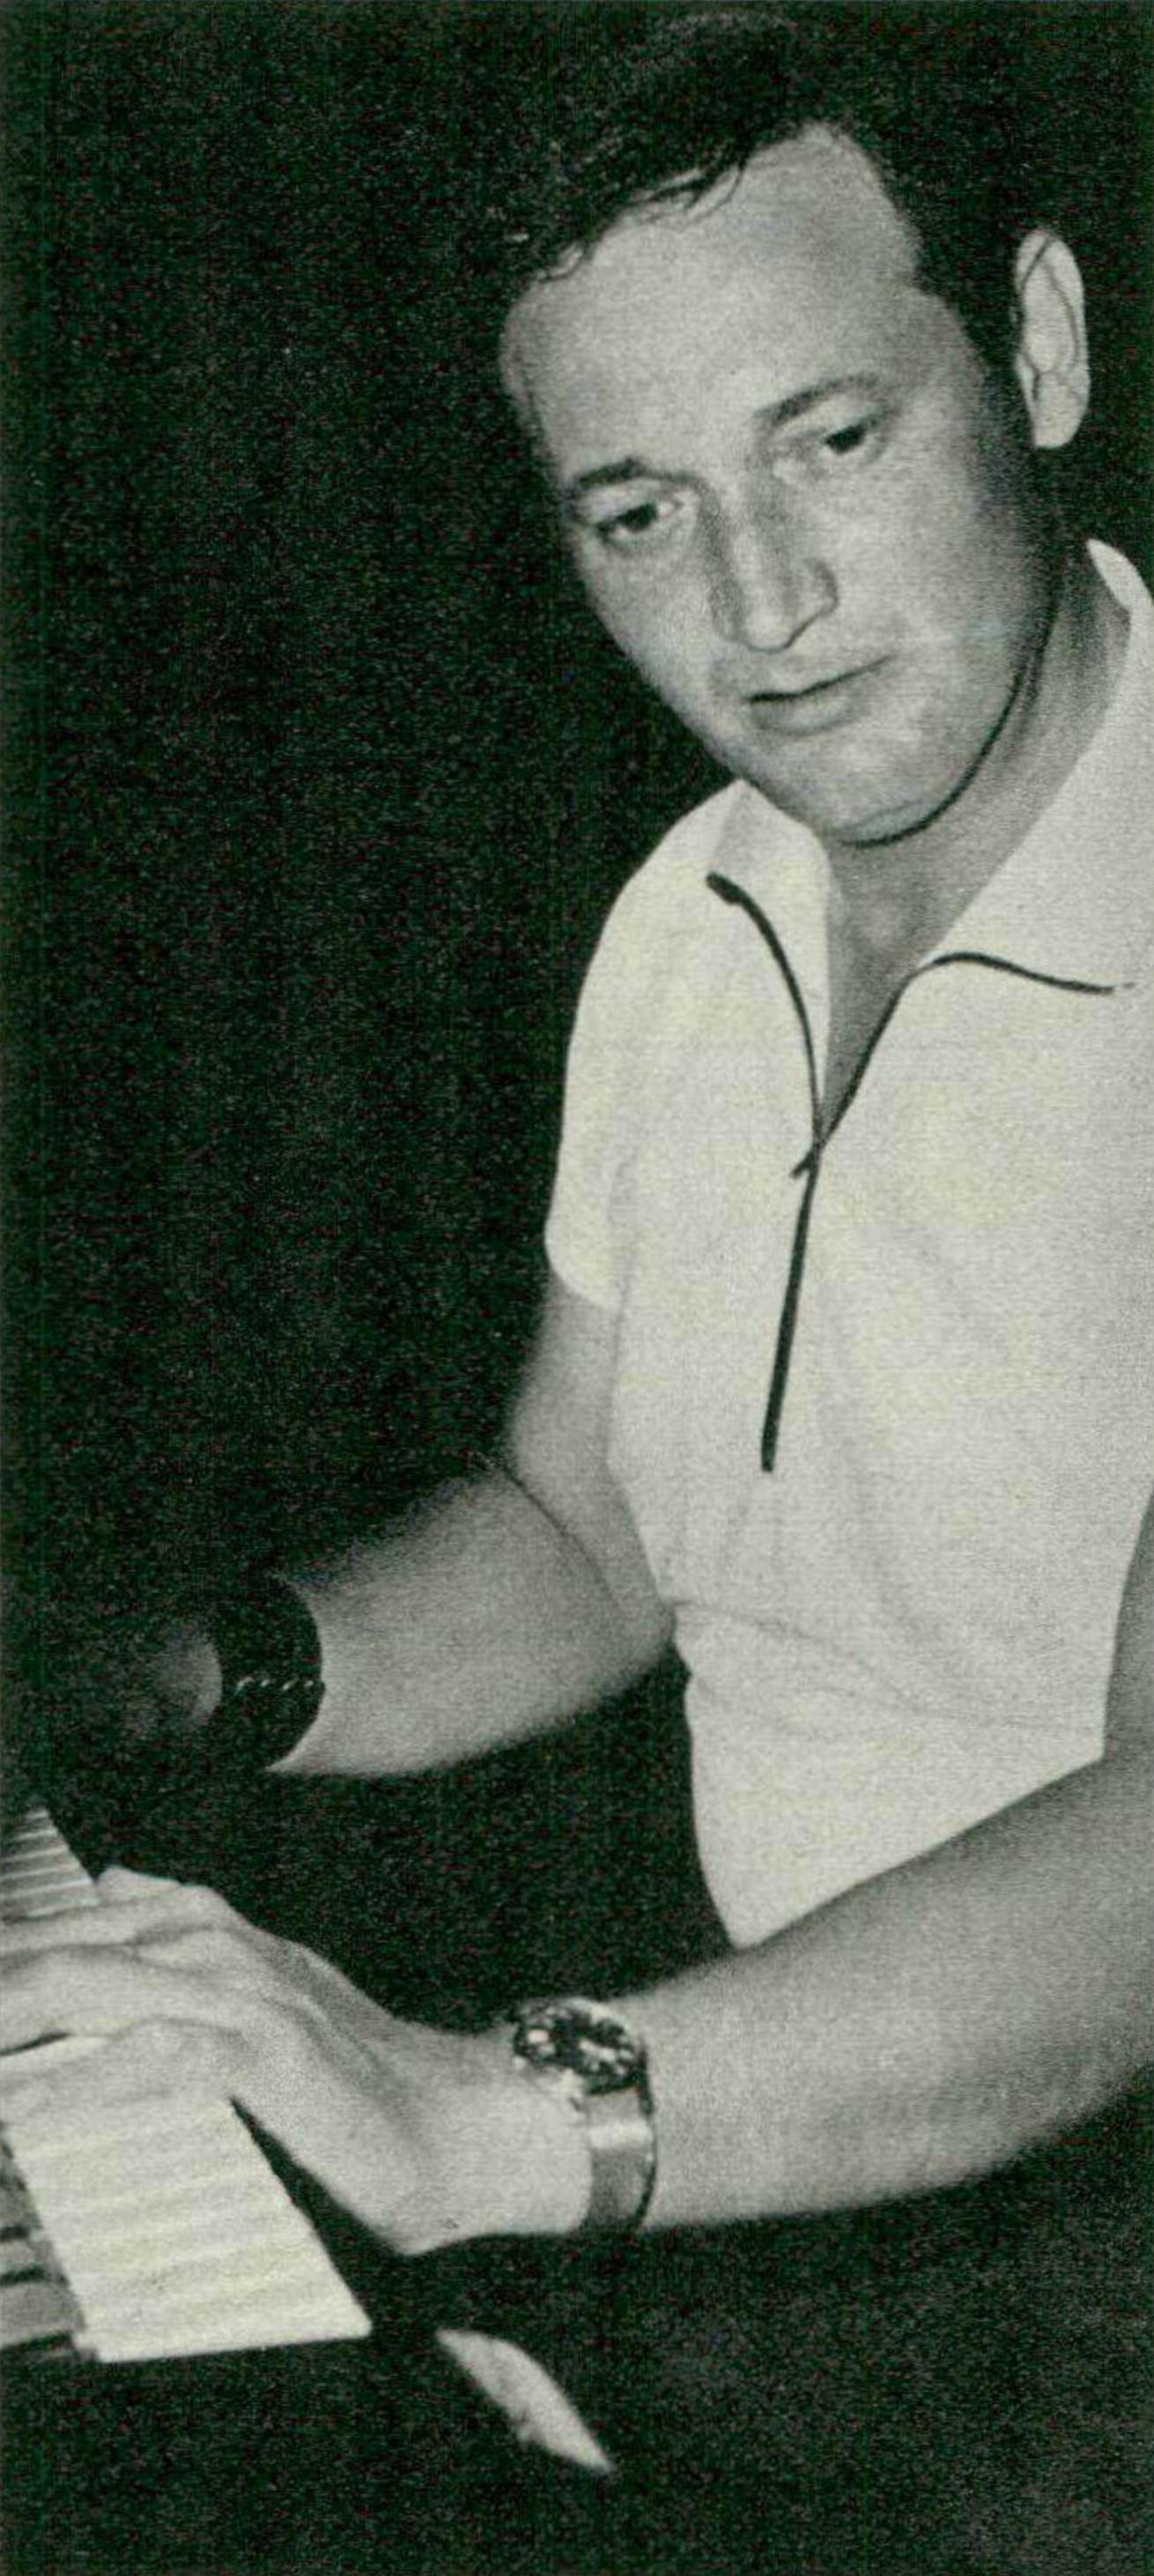 Georges CZIFFRA, un portrait fait par Gertrude FEHR publié entre autres dans la revue Radio TV Je vois tout du 14 août 1969, No 33, page 34, Cliquer sur la photo pour une vue agrandie et quelques infos